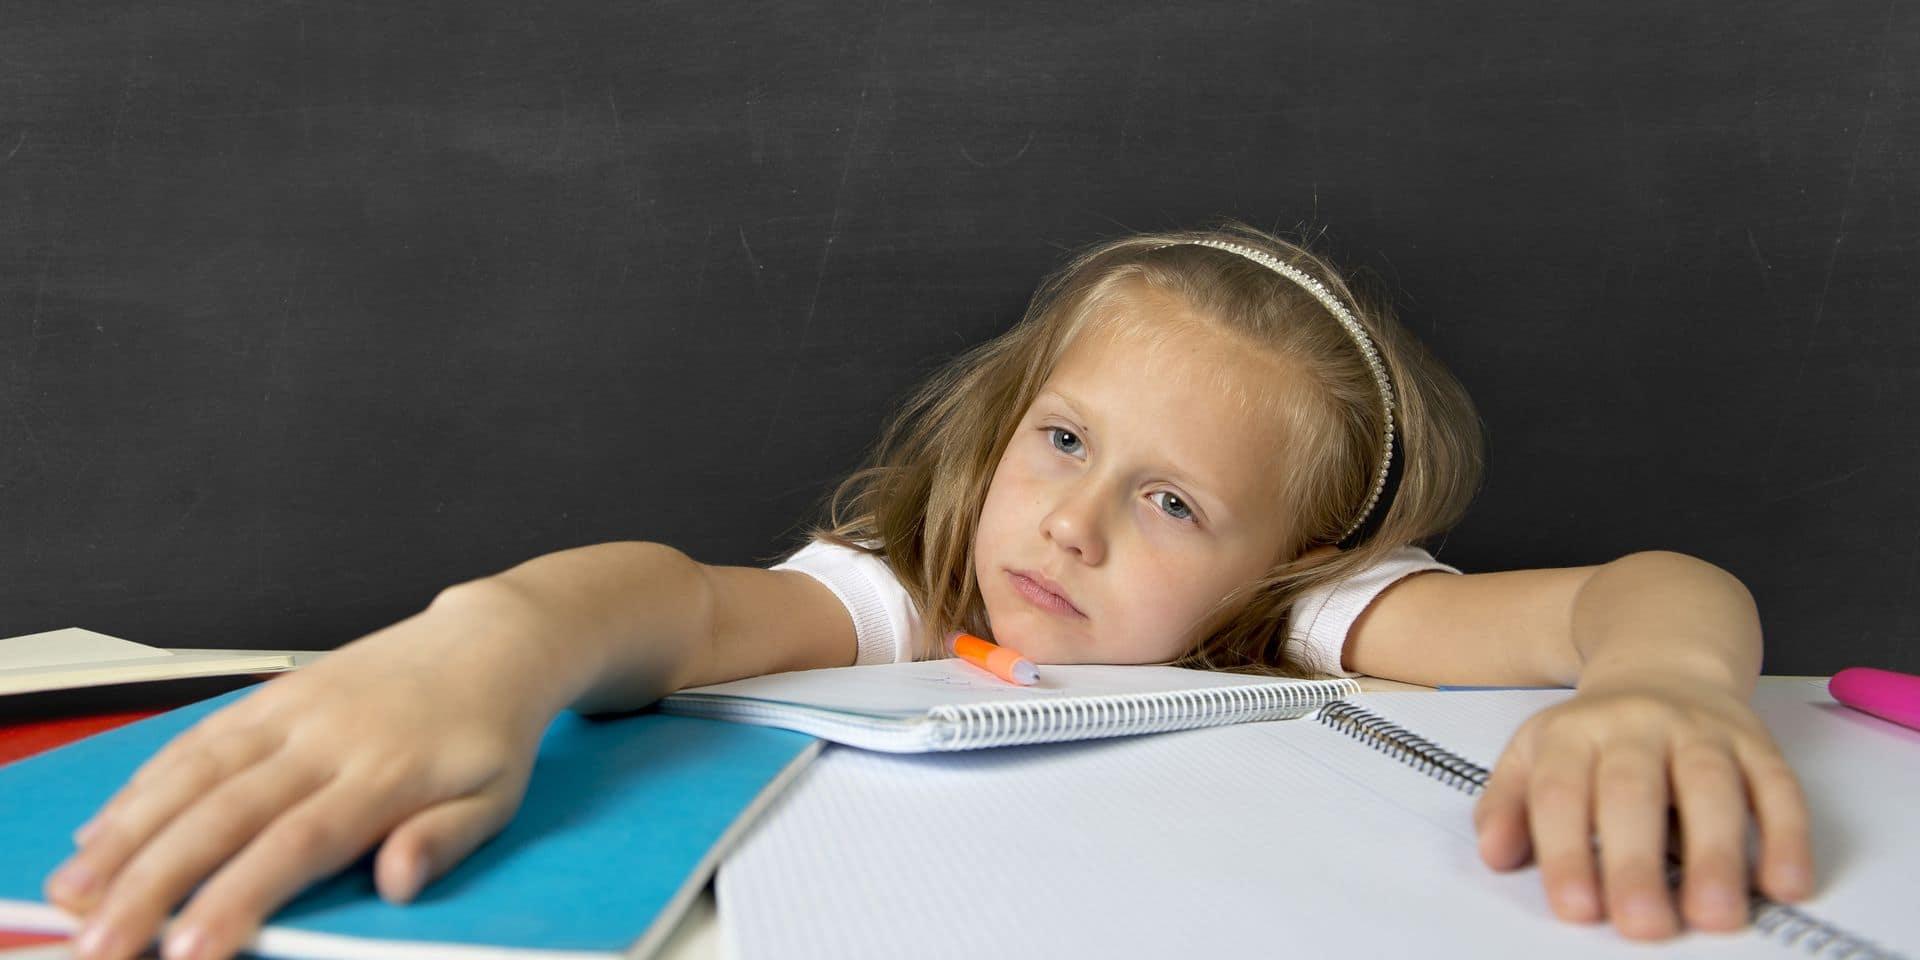 """Supprimer les devoirs à la maison? Ils représentent """"des moments de souffrance pour la famille"""""""